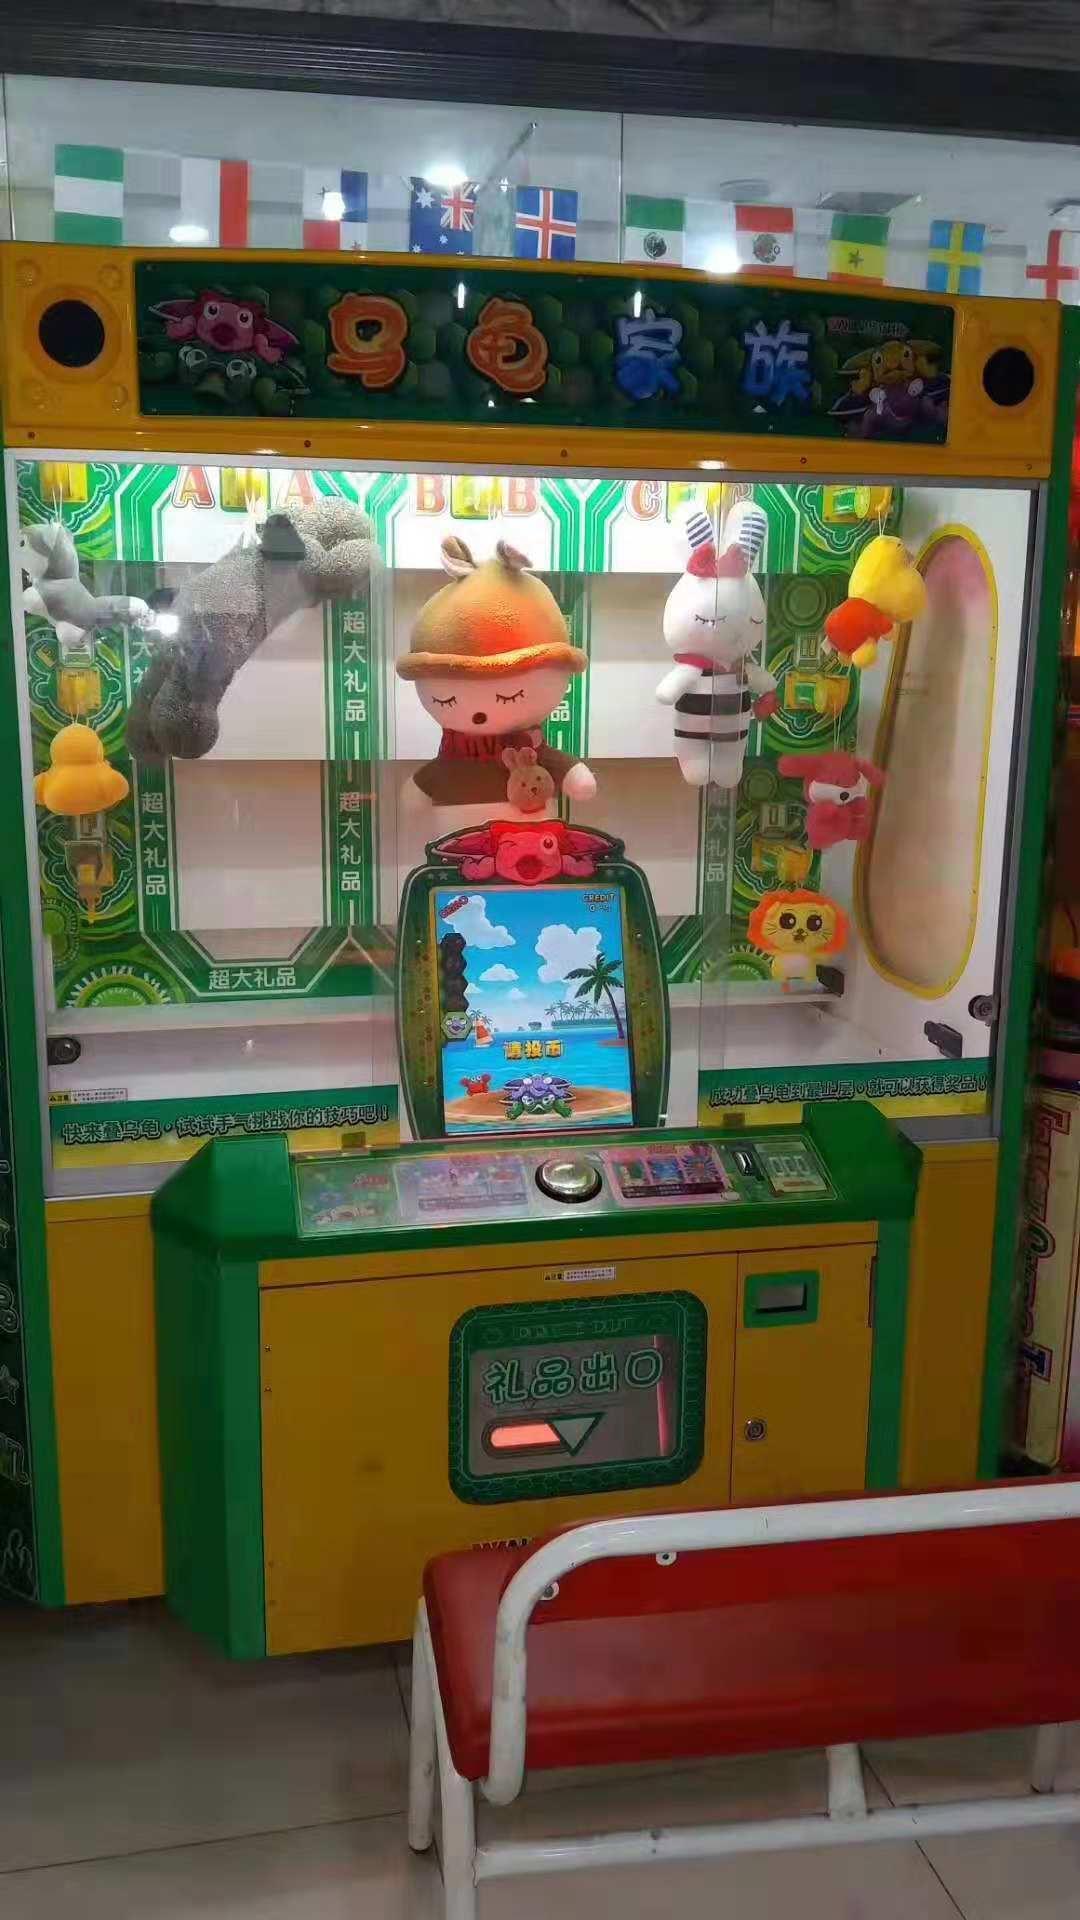 肇庆电玩城回收电玩城设备价格肇庆电玩设备回收厂家 水果炸翻天